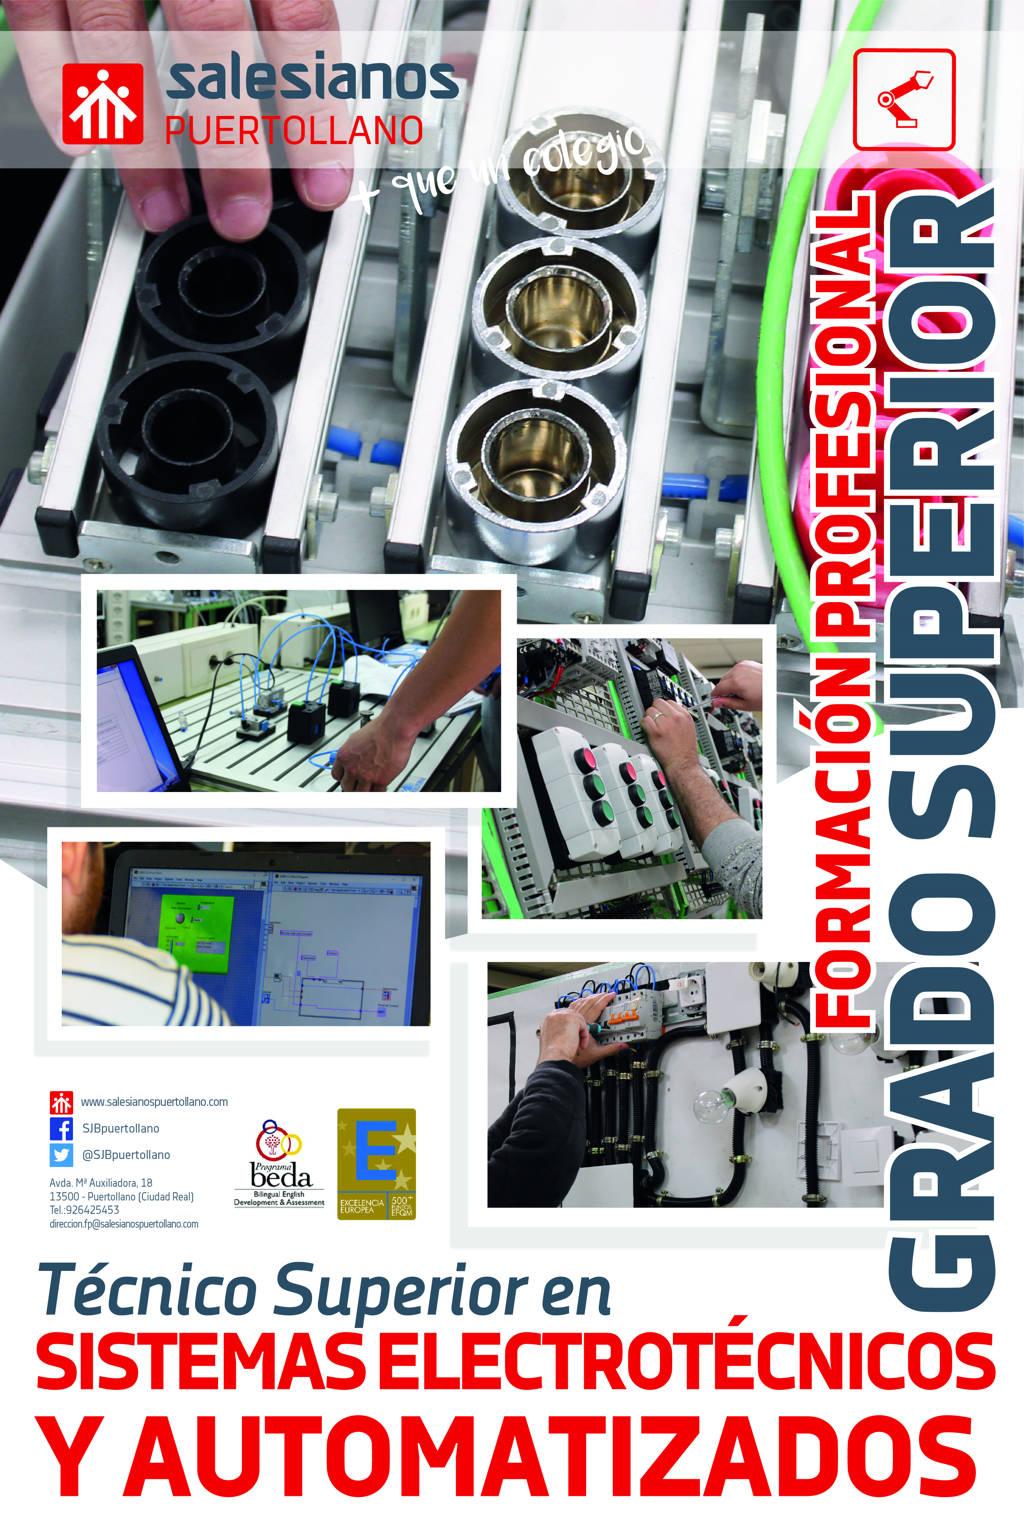 Grado Superior Electrotécnicos y automatizados